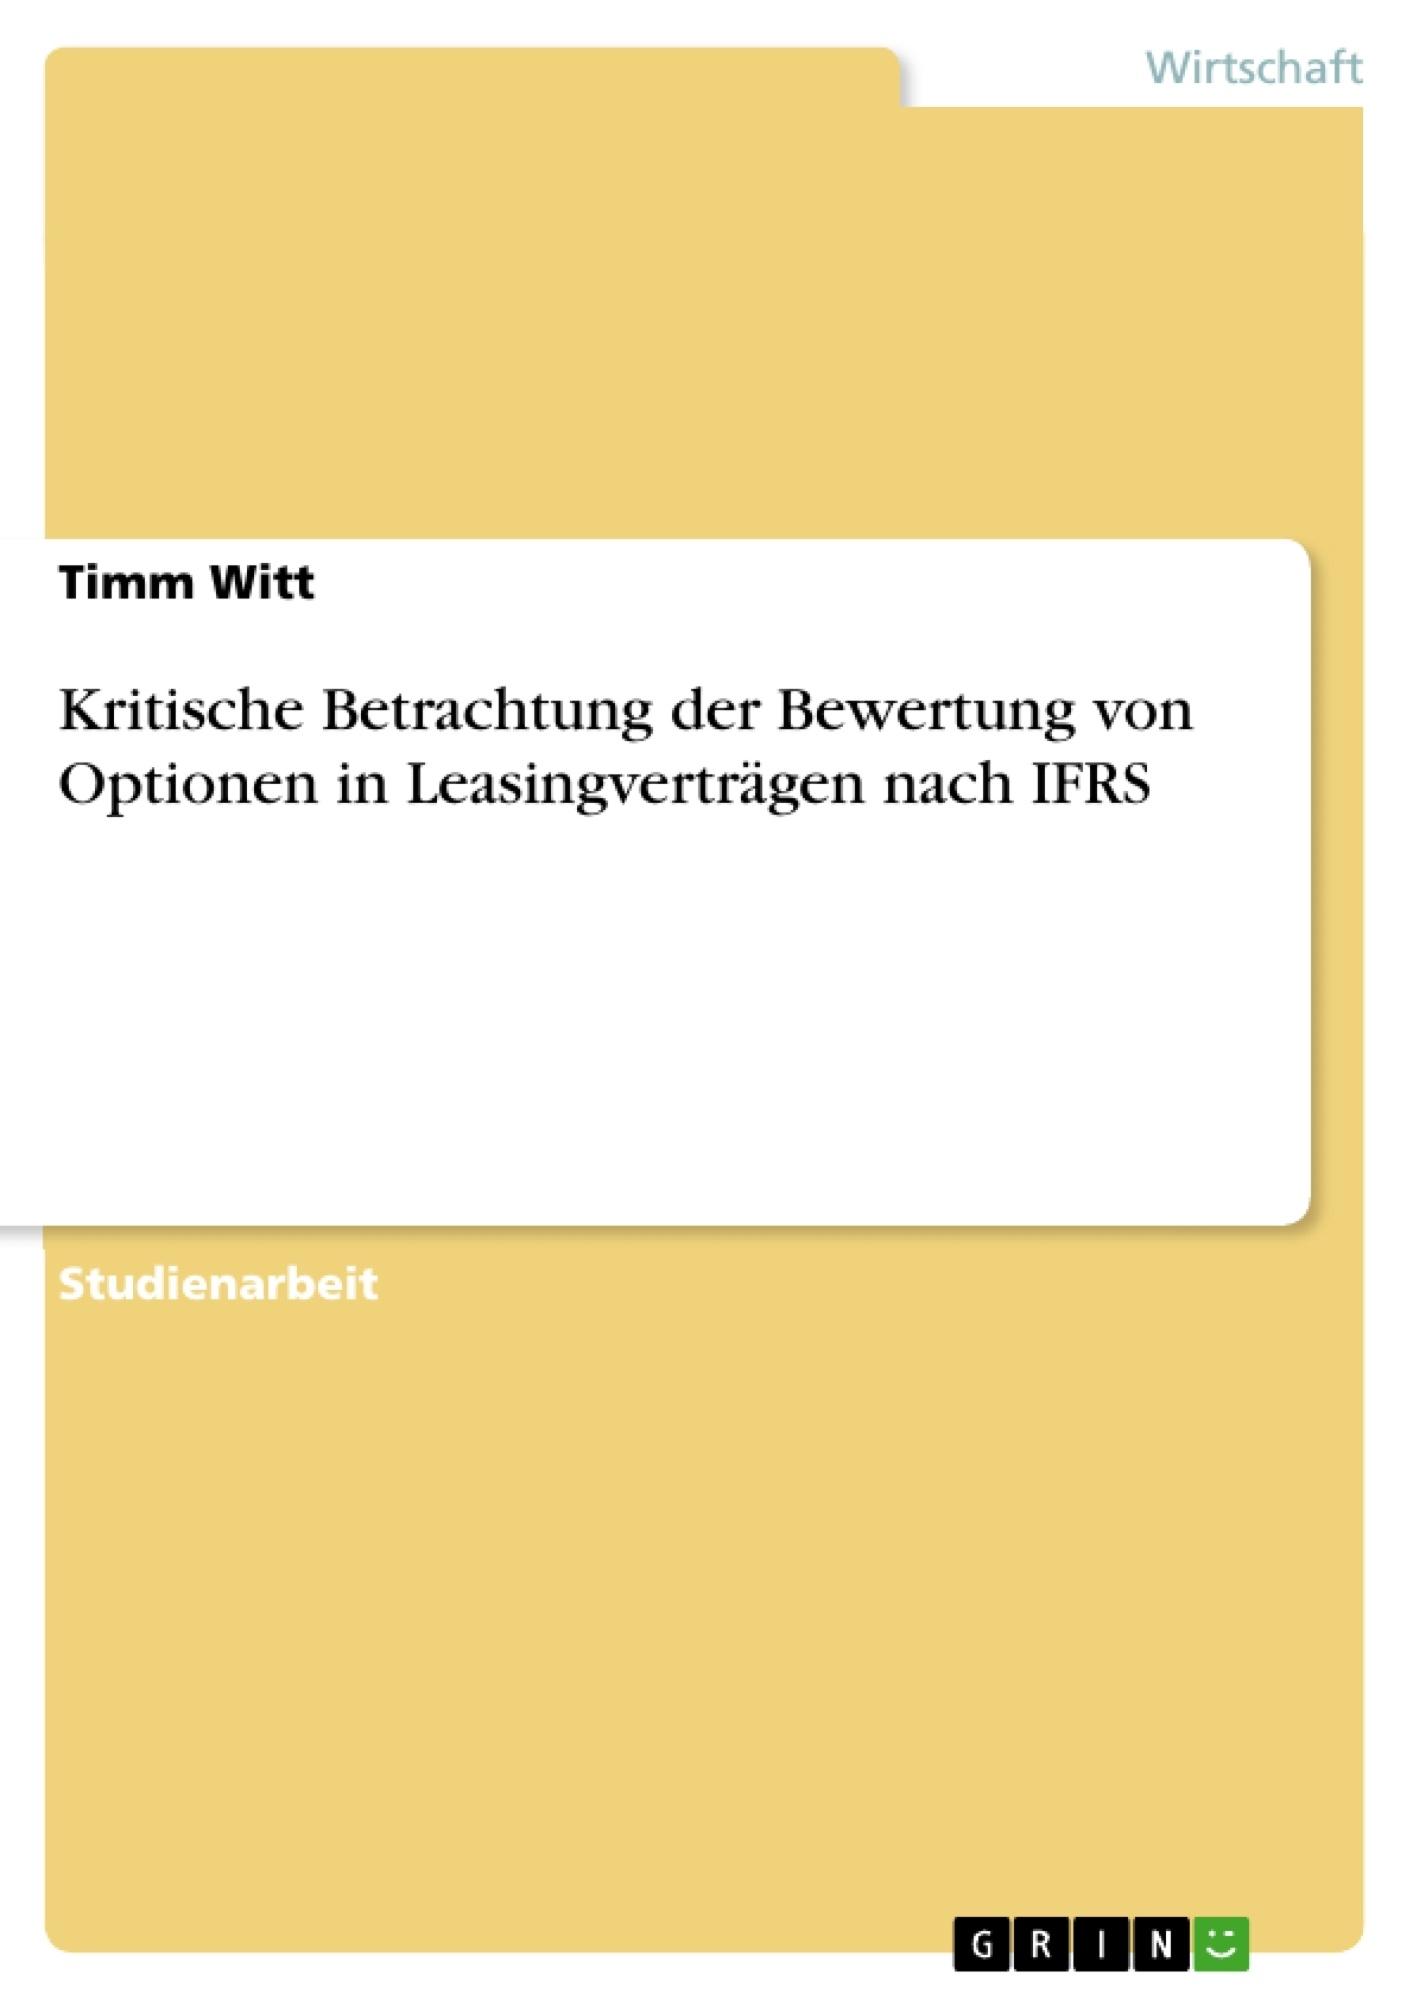 Titel: Kritische Betrachtung der Bewertung von Optionen in Leasingverträgen nach IFRS